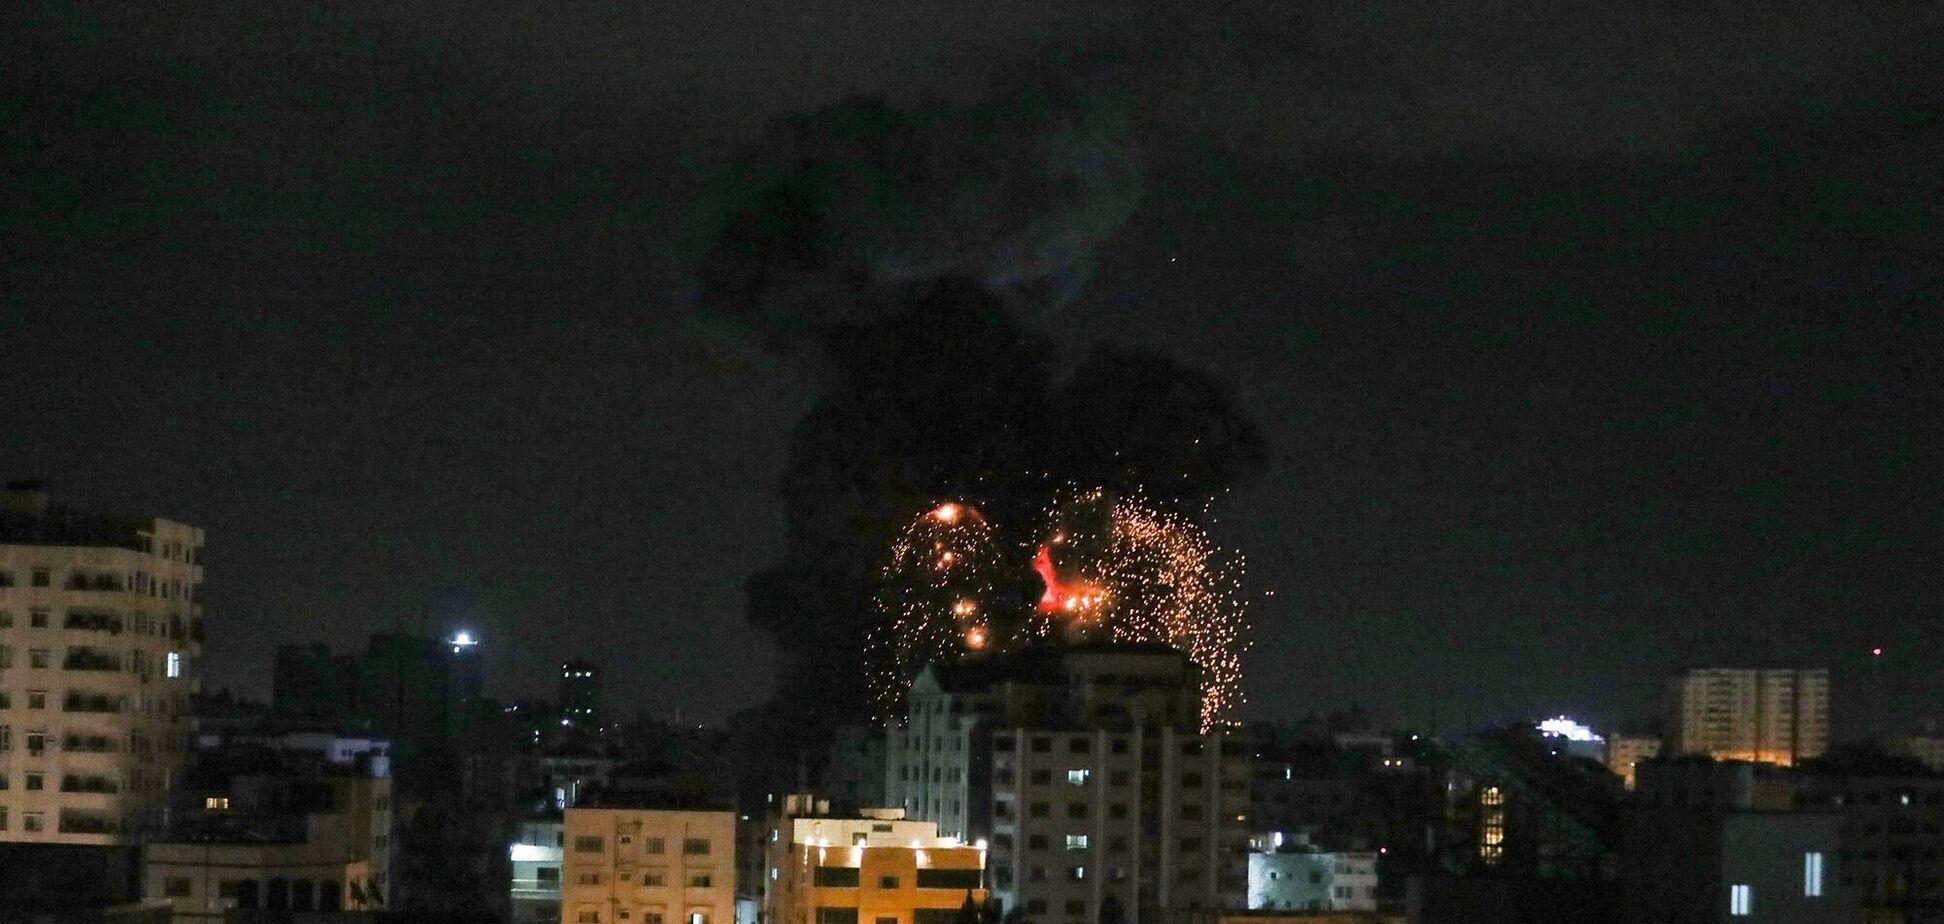 Число жертв конфликта между Израилем и ХАМАСом уже превысило 80 человек: погибли 17 детей